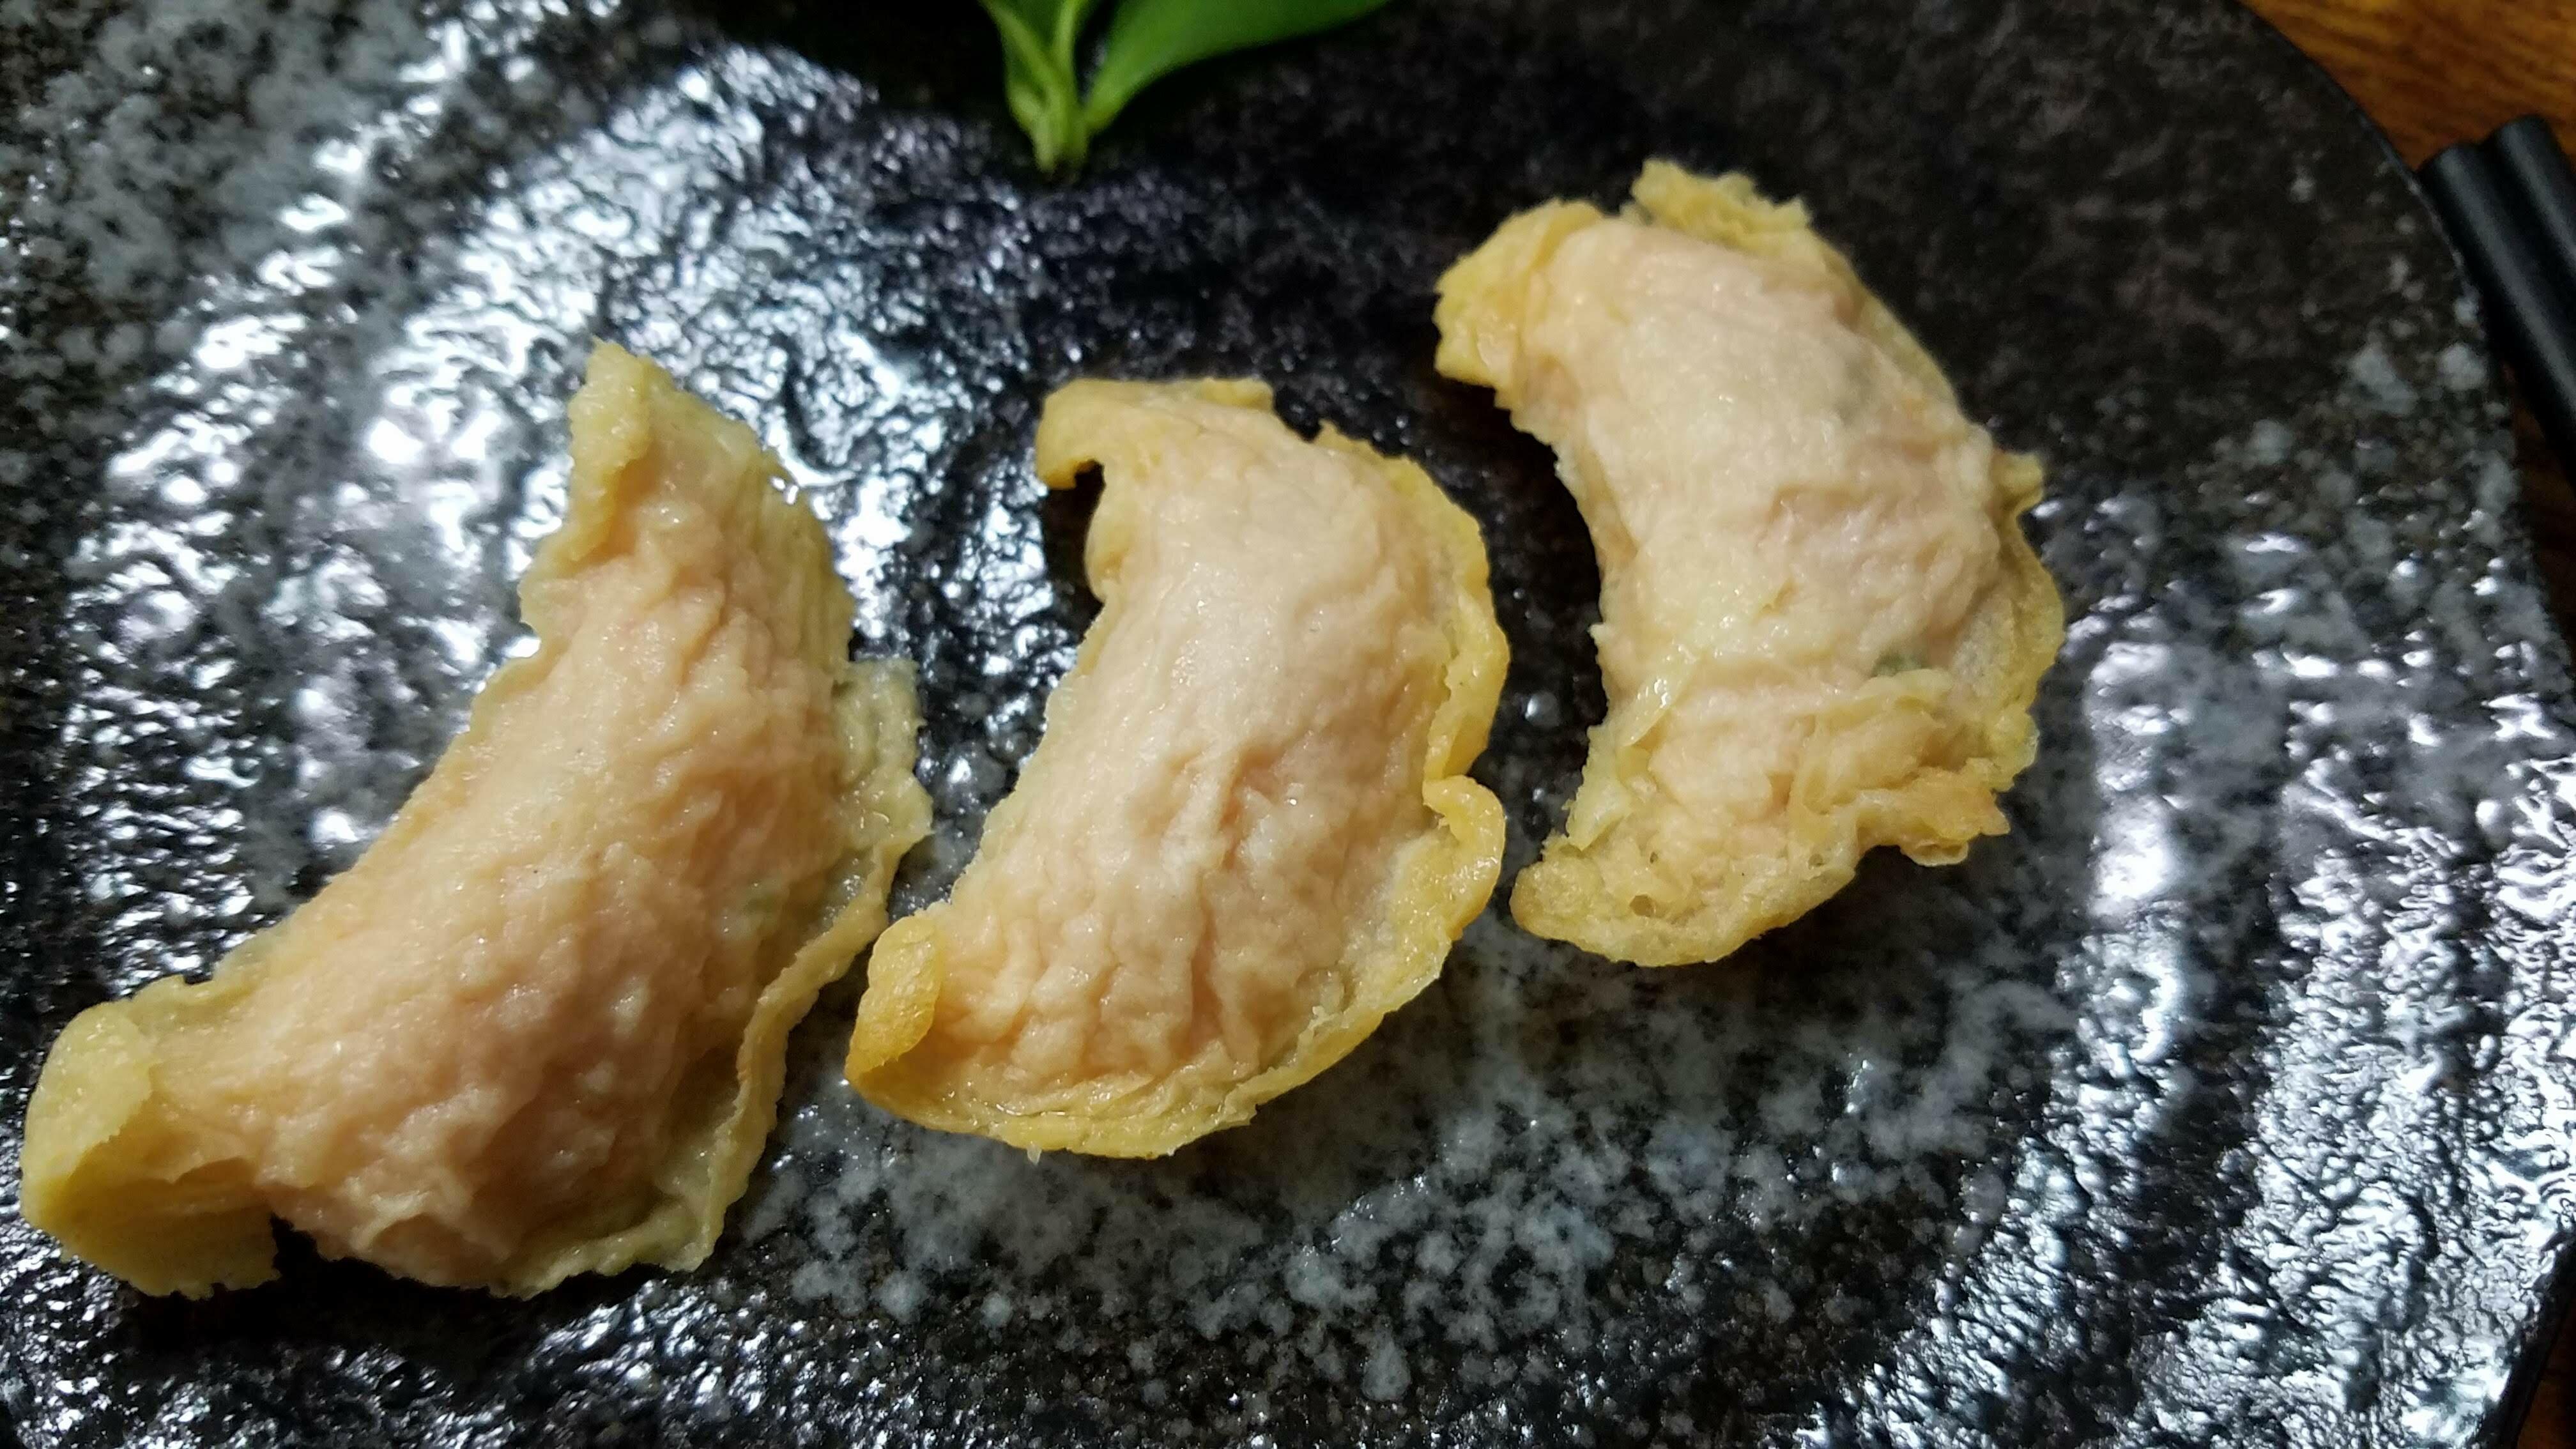 黃金蝦酥-【利津食品行】火鍋料 關東煮 蛋皮 蝦仁 冷凍食品